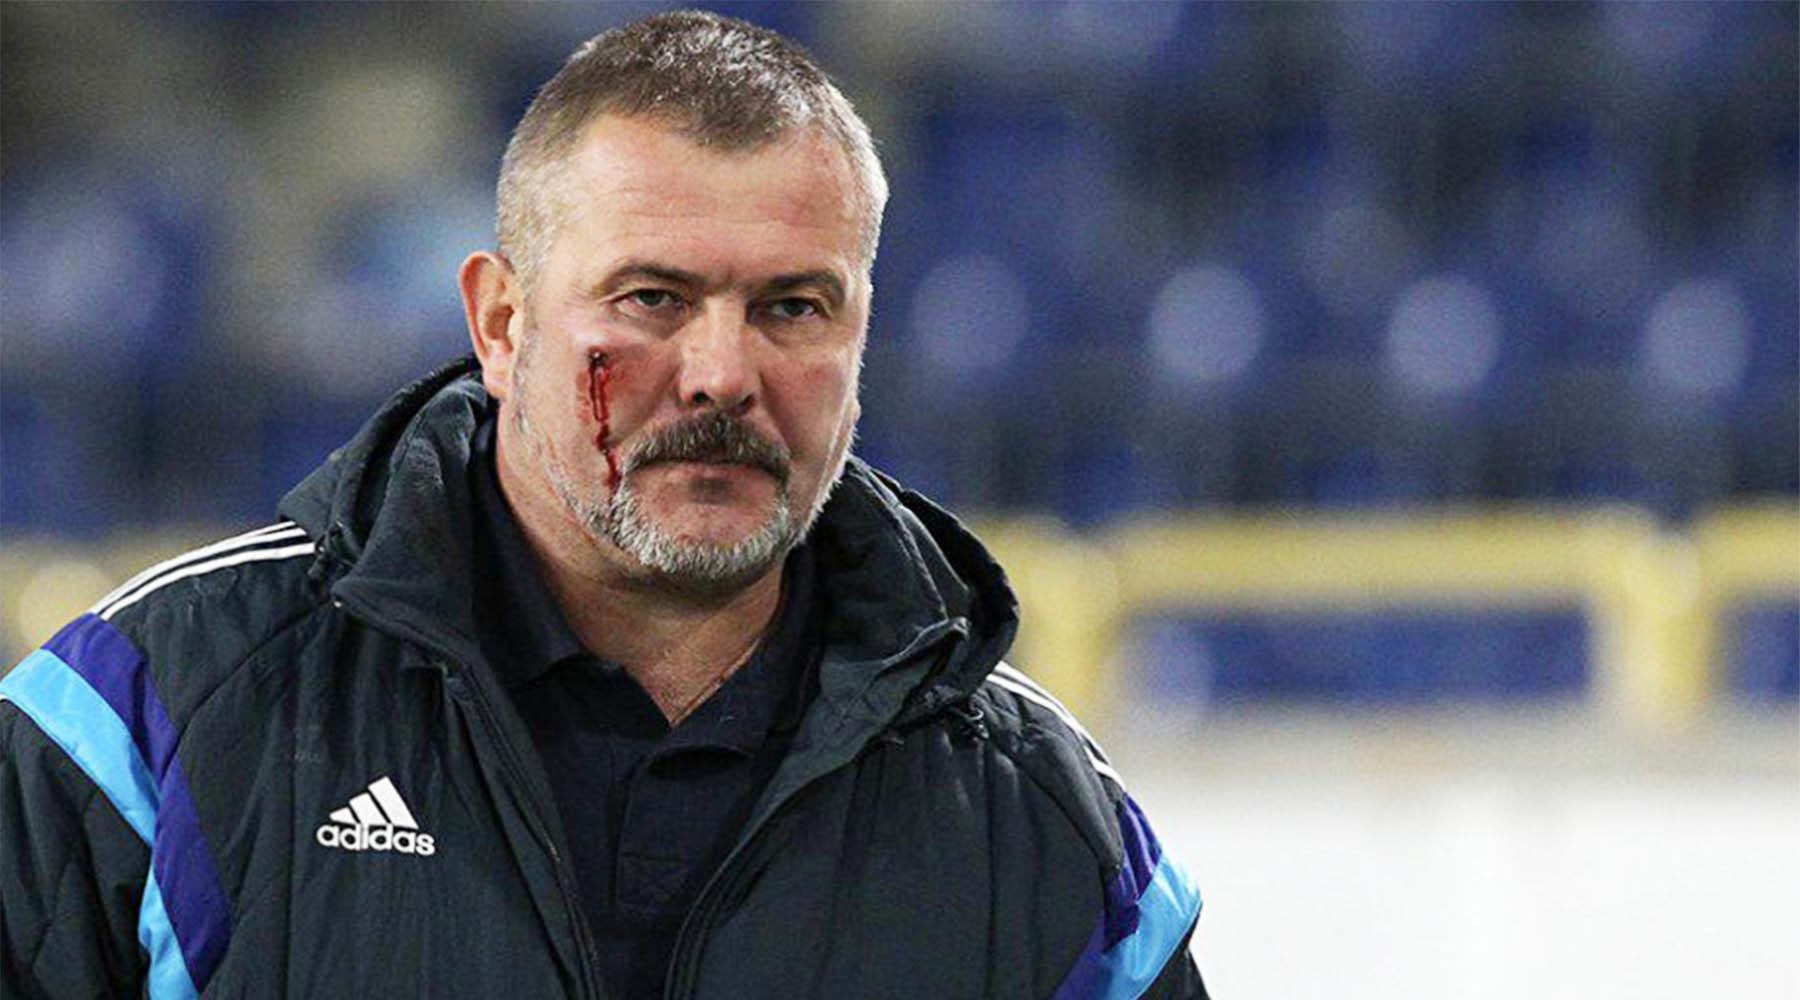 Командир полка «Днепр-1» и депутат Рады Береза избит во время футбольного матча